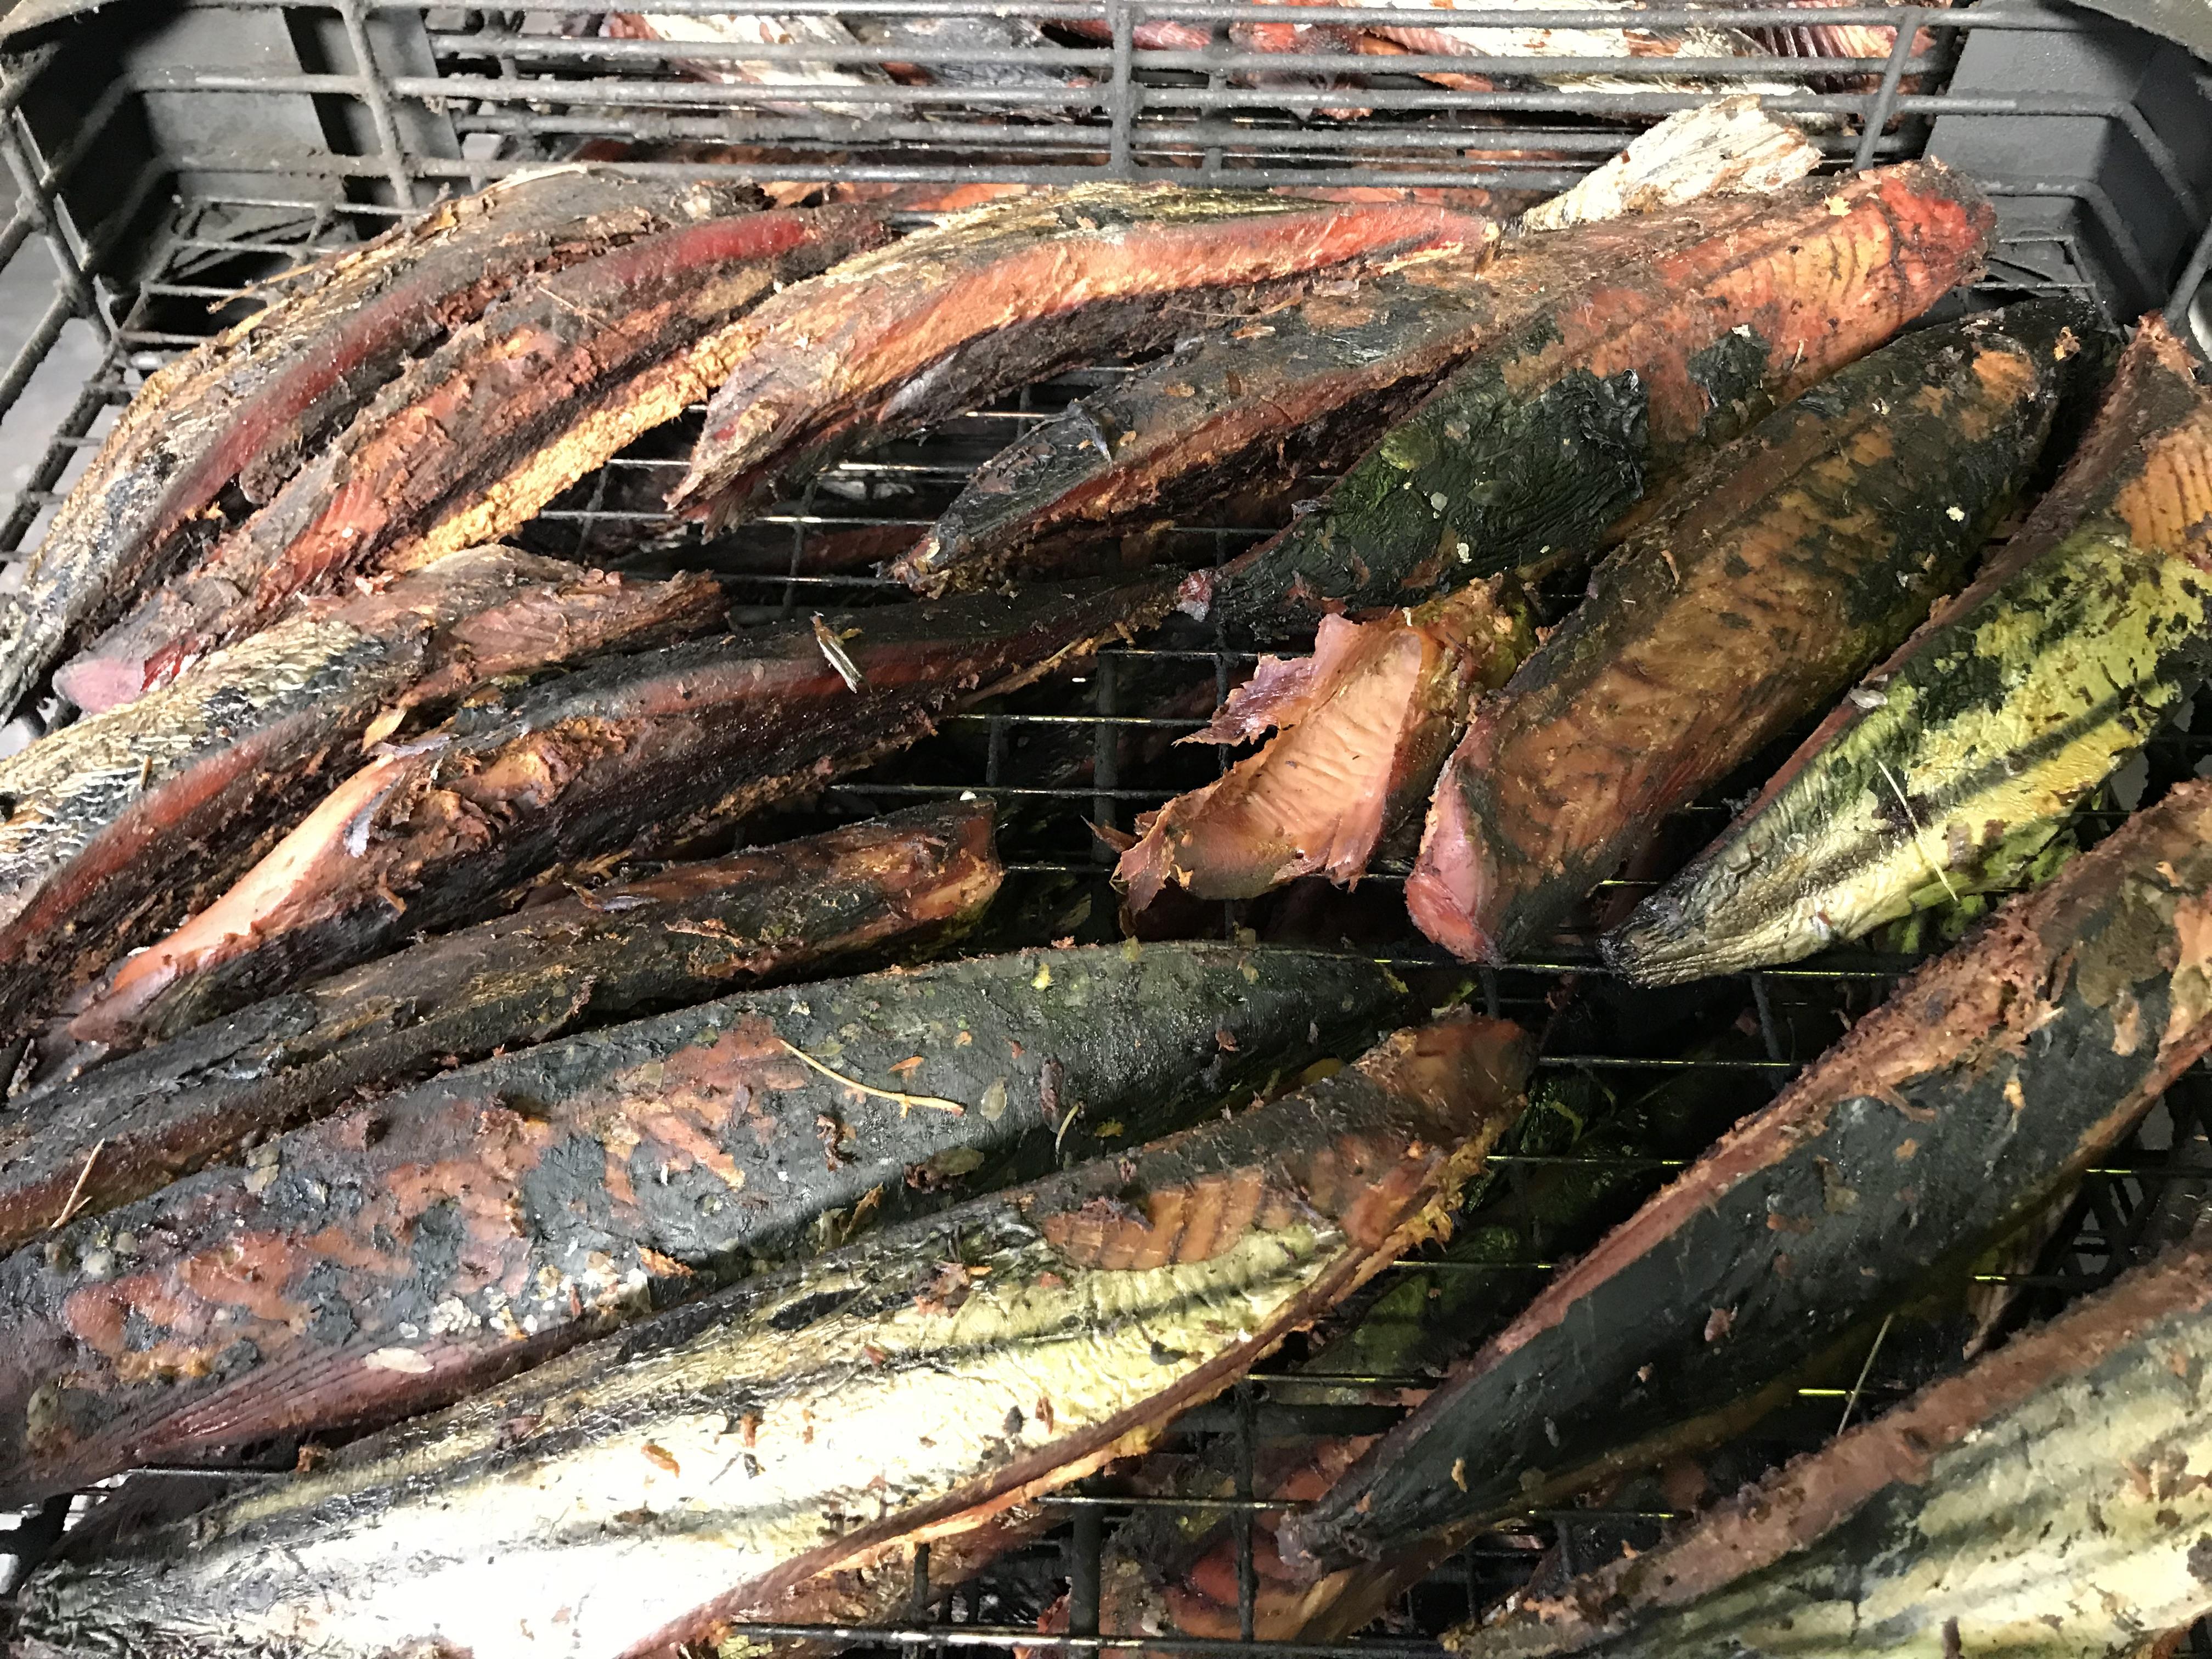 鰹の肉質のみの部分